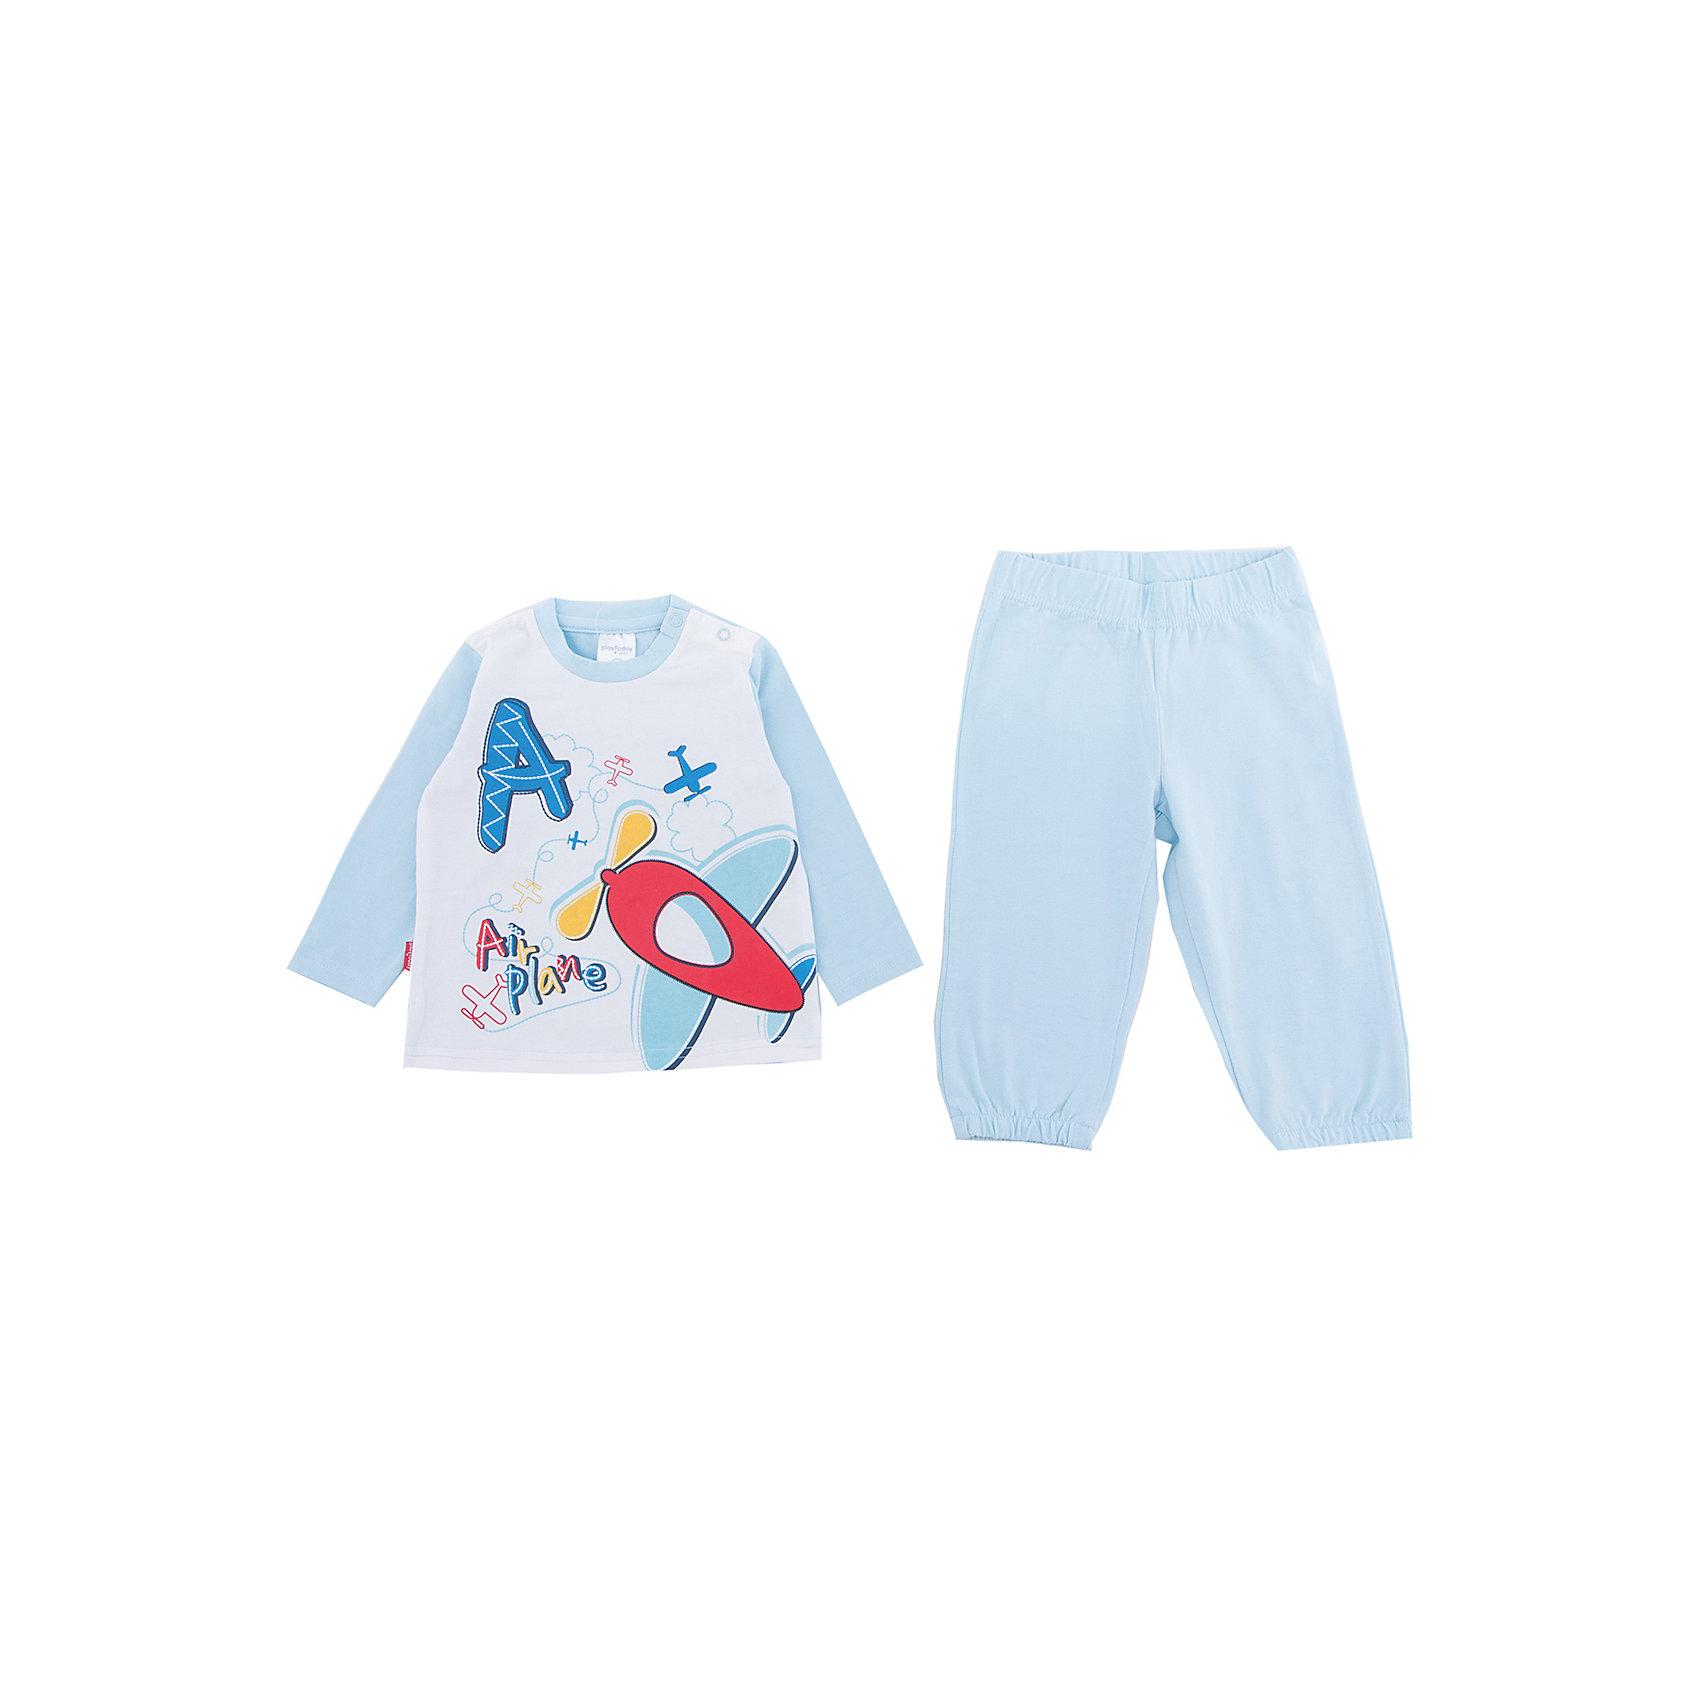 Комплект: футболка и брюки PlayToday для мальчикаКомплекты<br>Комплект: футболка и брюки PlayToday для мальчика<br>Комплект из футболки и брюк может быть и домашней одеждой, и уютной пижамой. Натуральный, приятный к телу материал не сковывает движений. В качестве украшения использован принт в спокойных тонах. Для удобства снимания и одевания на горловине предусмотрены удобные застежки - кнопки. Пояс модели и низ брючин на мягких широких резинках.<br>Состав:<br>95% хлопок, 5% эластан<br><br>Ширина мм: 199<br>Глубина мм: 10<br>Высота мм: 161<br>Вес г: 151<br>Цвет: белый<br>Возраст от месяцев: 6<br>Возраст до месяцев: 9<br>Пол: Мужской<br>Возраст: Детский<br>Размер: 74,92,86,80<br>SKU: 7109814